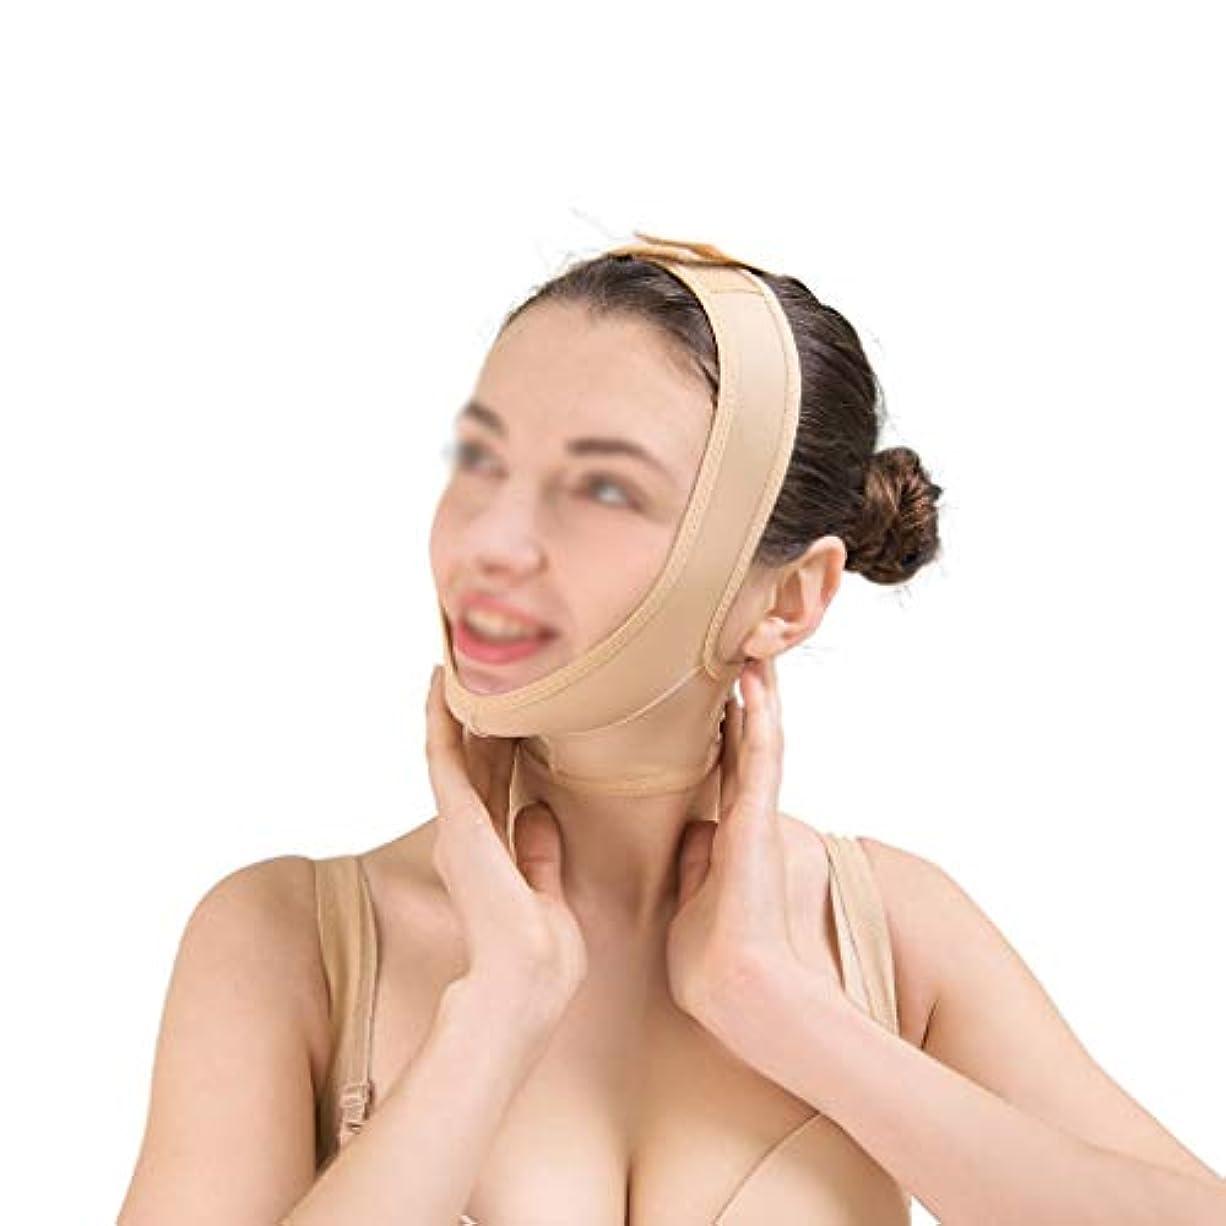 符号ブランド名狂乱XHLMRMJ 二重あごのストラップ、包帯を持ち上げる、持ち上がると肌の包帯を引き締める、通気性のフェイスマスク、快適で通気性のある顔の持ち上がるマスク (Size : XL)